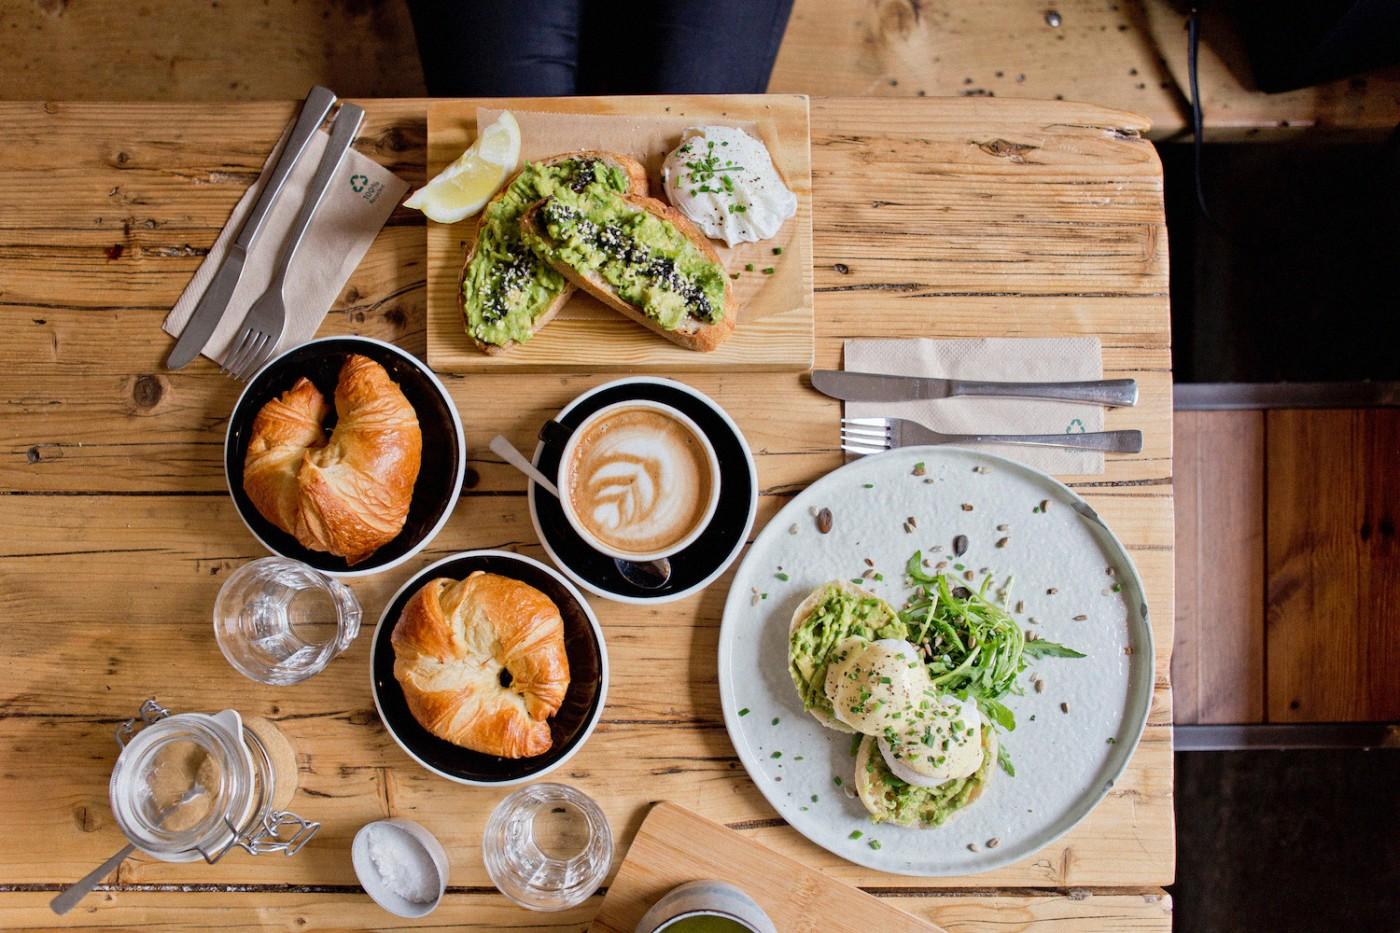 Kaffeebar Berlin – <em>breakfast / brunch in Berlin</em>